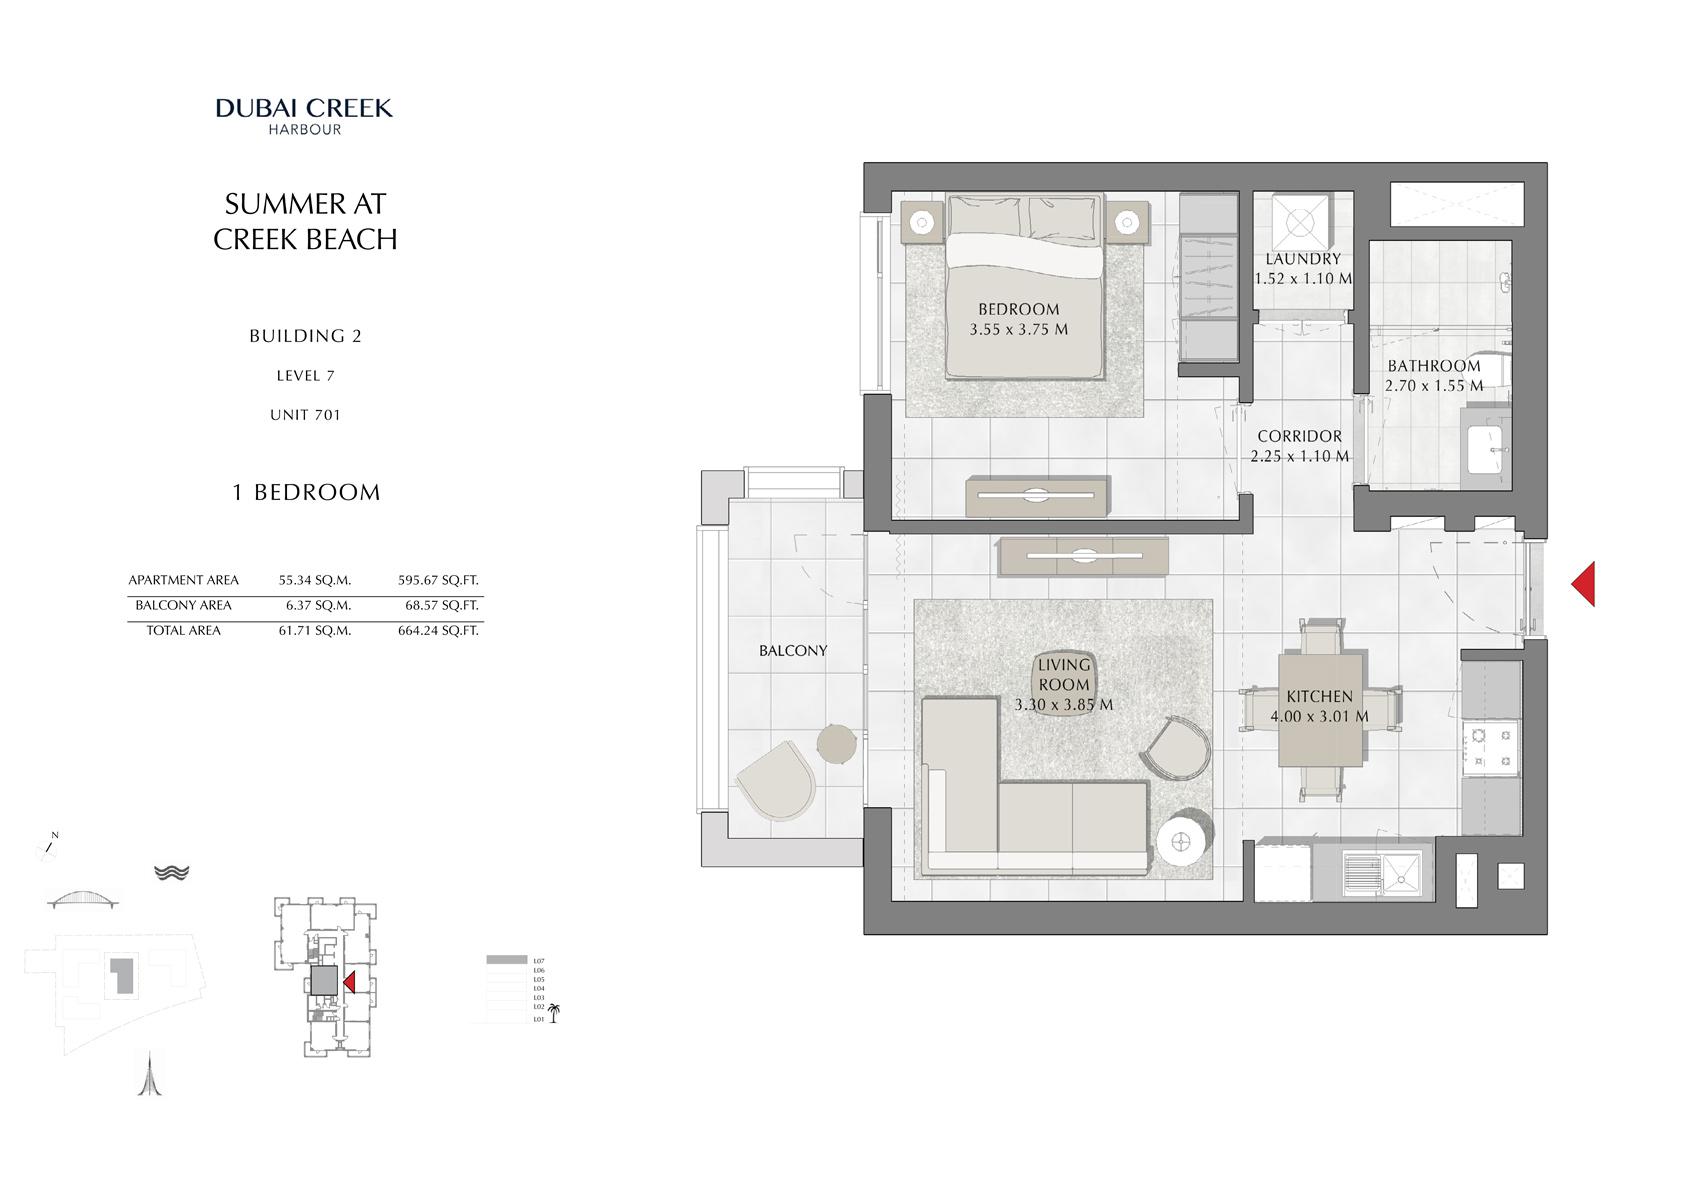 1 Br Building 2 Level 7 Unit 701, Size 664 Sq Ft